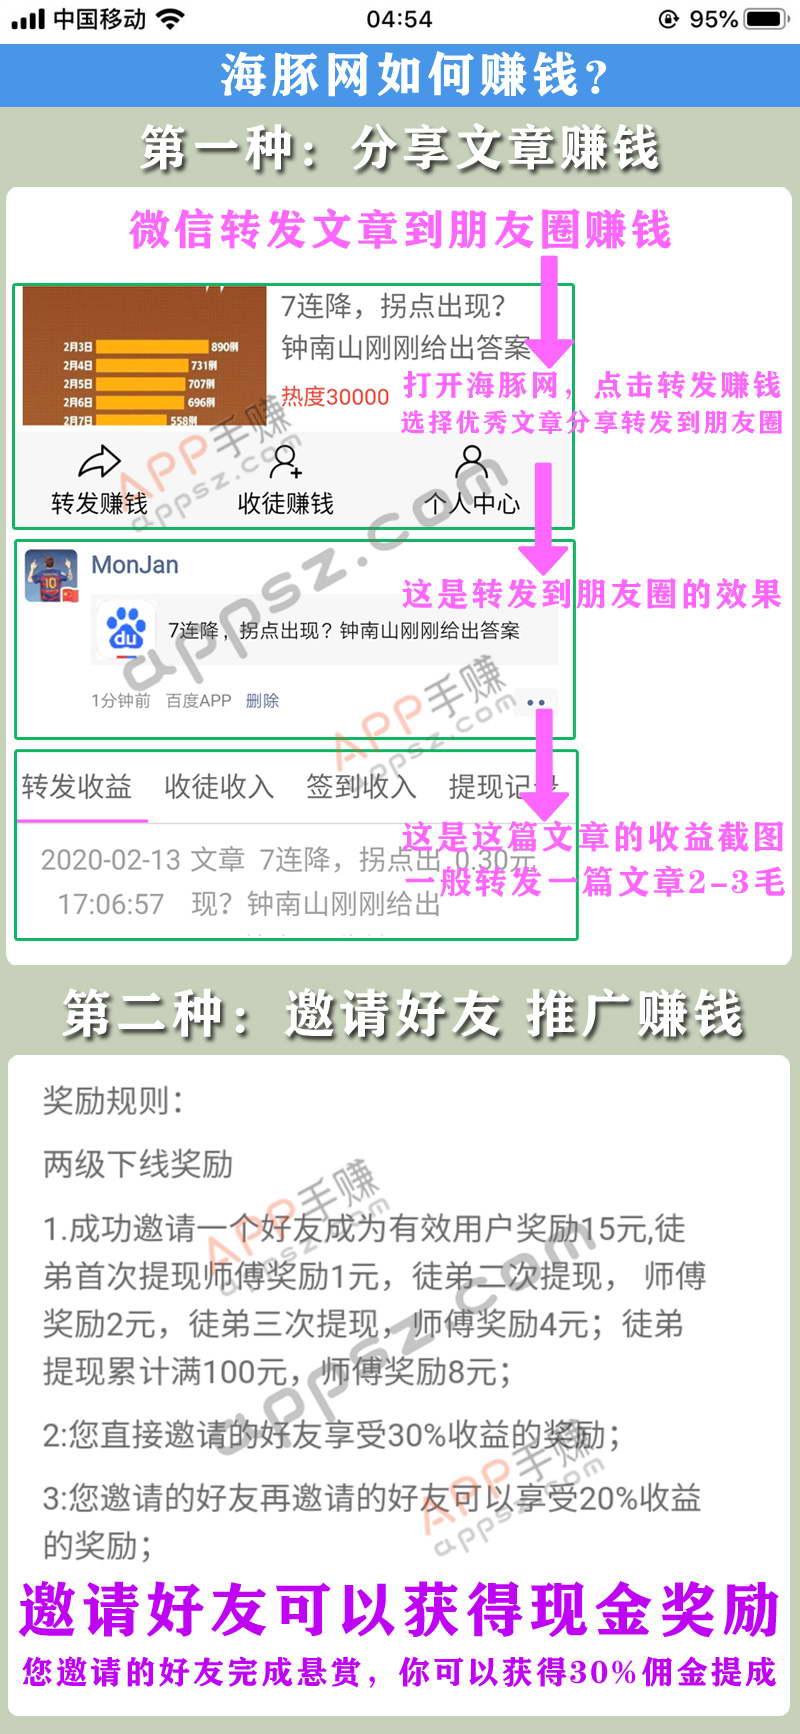 【海豚网APP】微信转发文章分享赚钱平台收徒挣钱手机软件